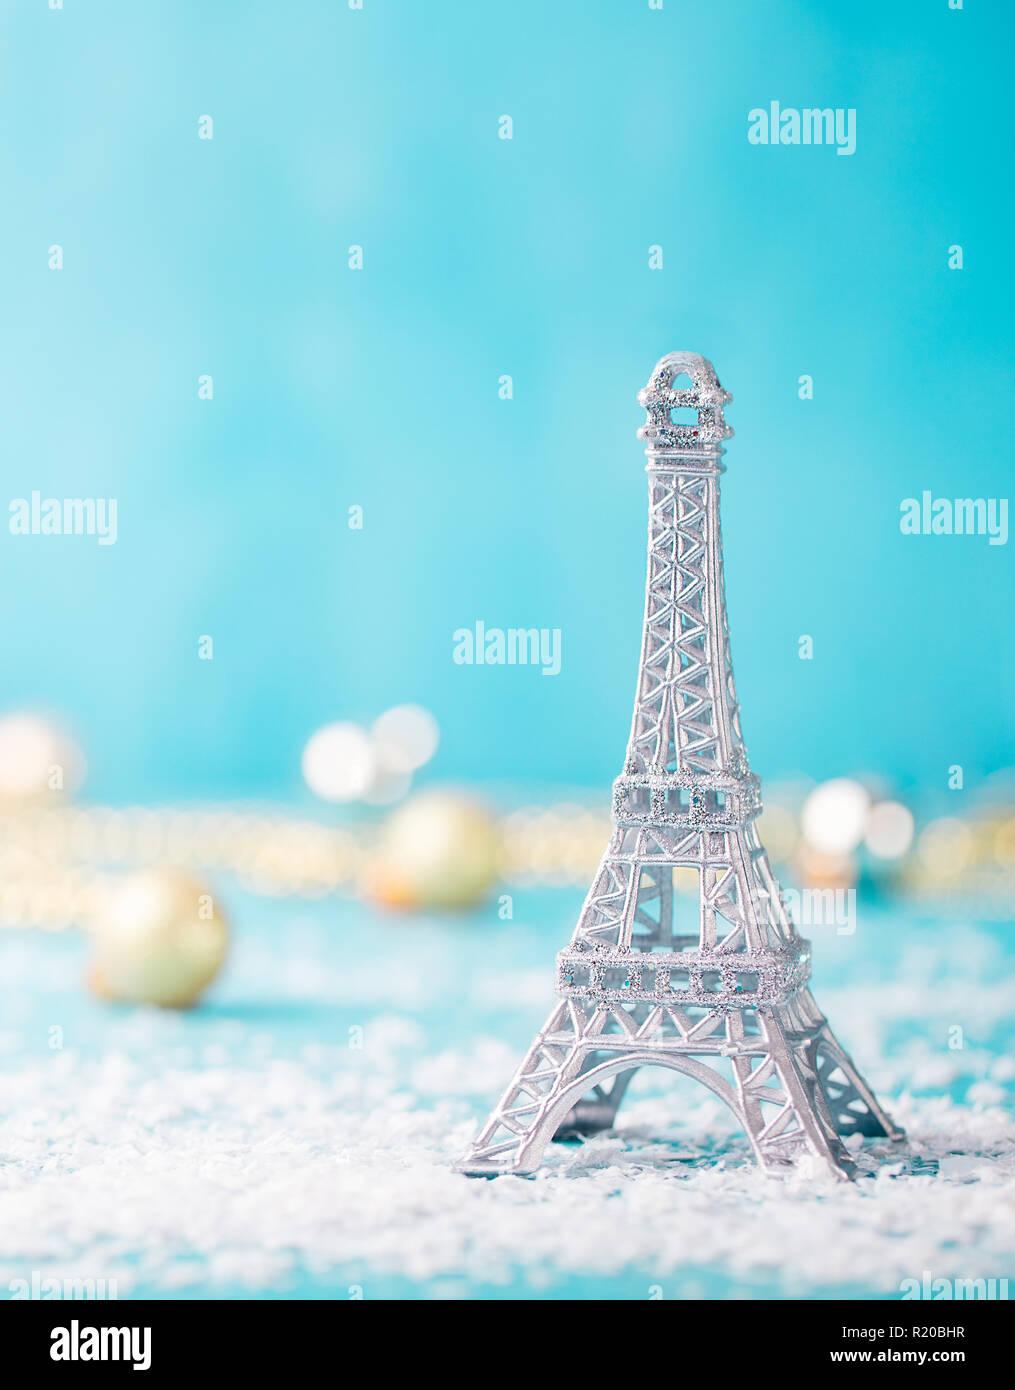 Navidad, Año Nuevo fondo azul con nieve y ornamento de la torre Eiffel. Copie el espacio. Foto de stock